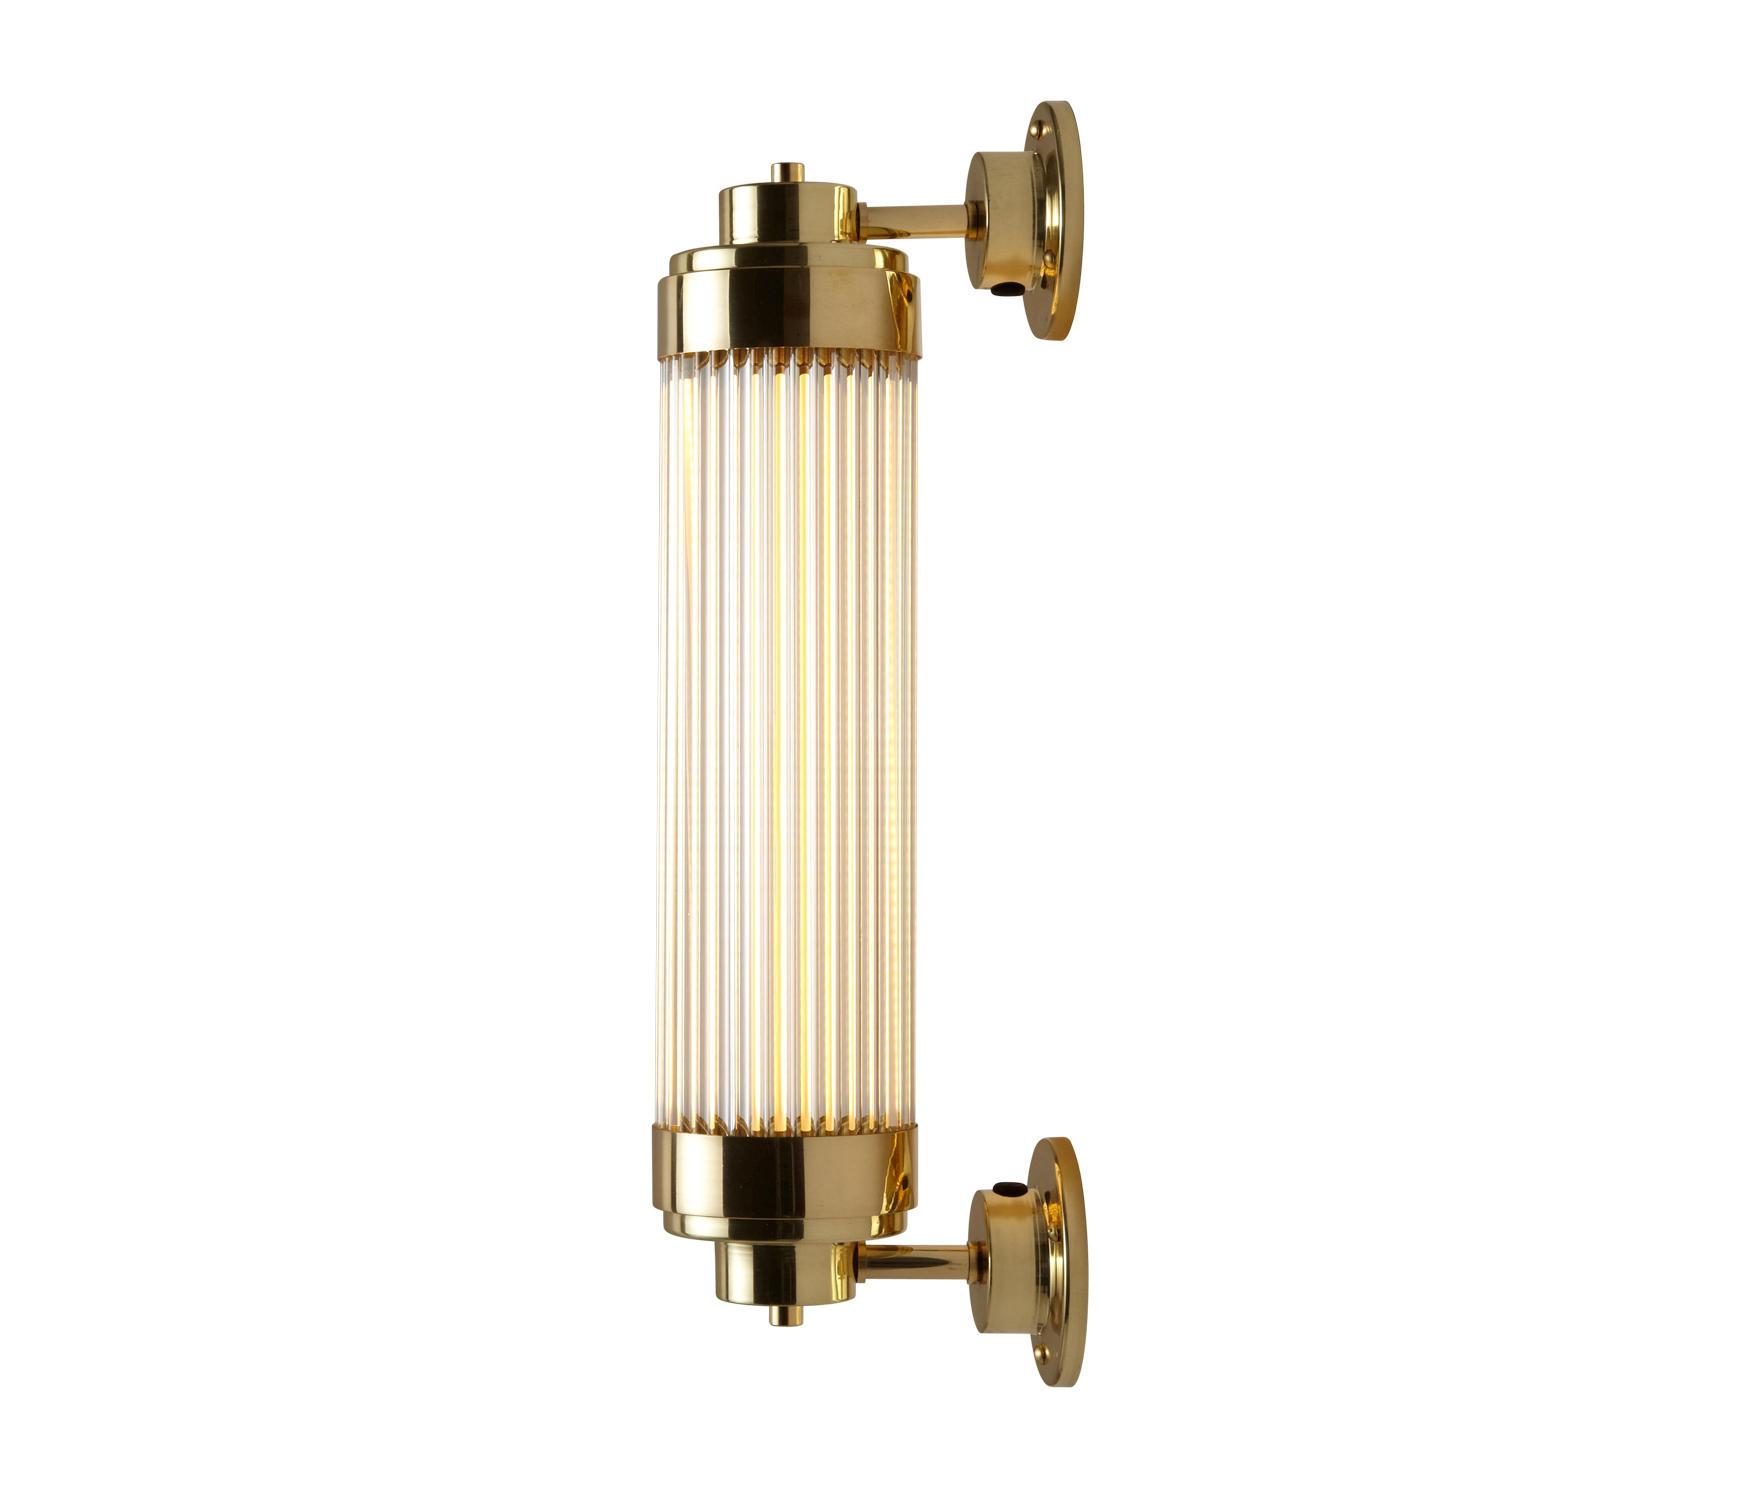 7216 pillar offset wall lightled polished brass wall lights from 7216 pillar offset wall lightled polished brass by original btc wall lights aloadofball Choice Image